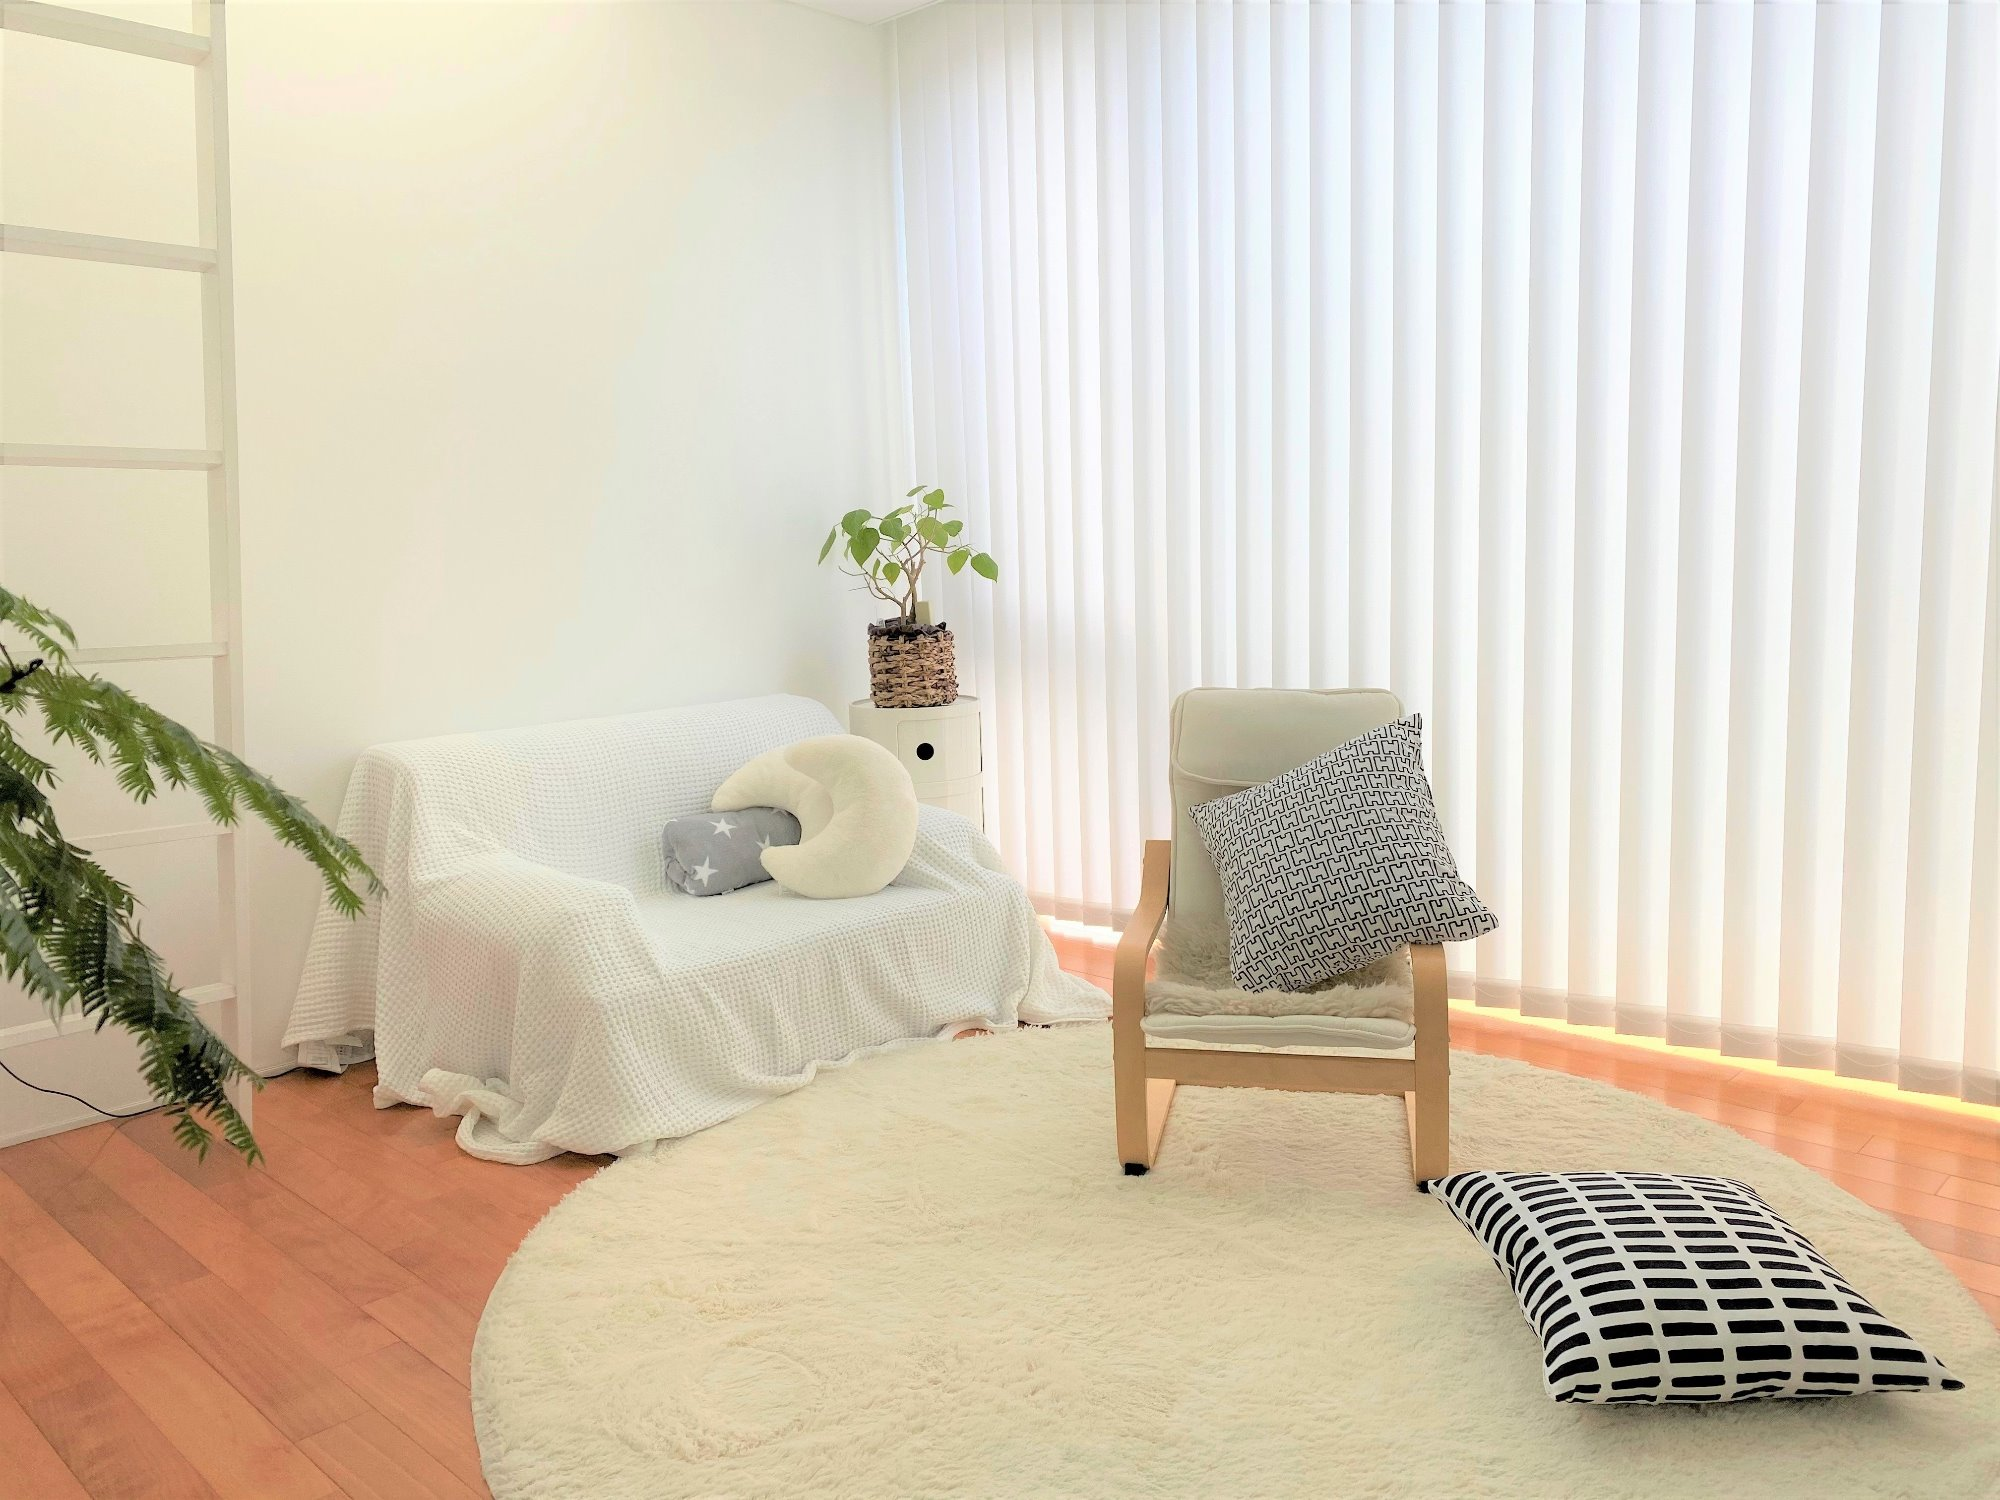 【HDC大阪 くらし向上計画】~死んでも床にモノを置かない~   みるみるお部屋が整う片付けワザ